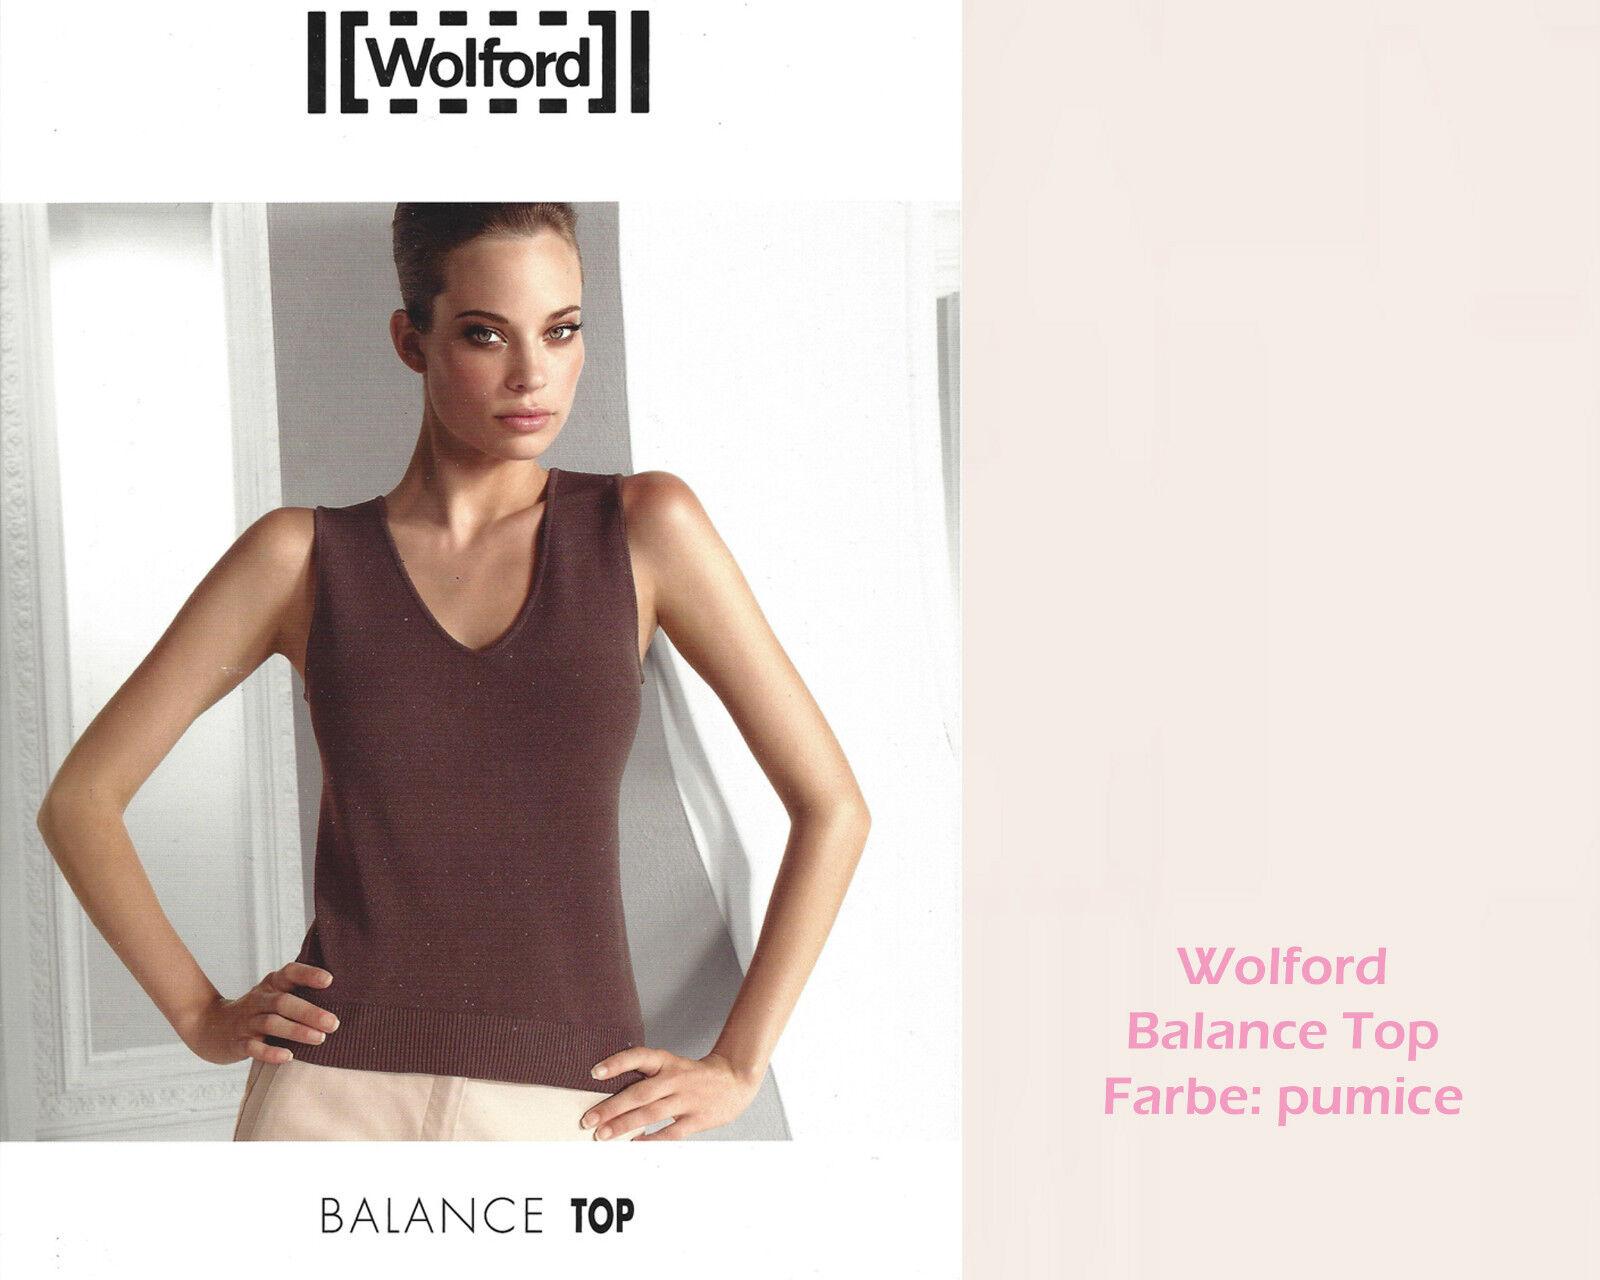 Wolford Balance Balance Balance Top  SMALL  pumice ... il inviti al lassismo f7d1e3